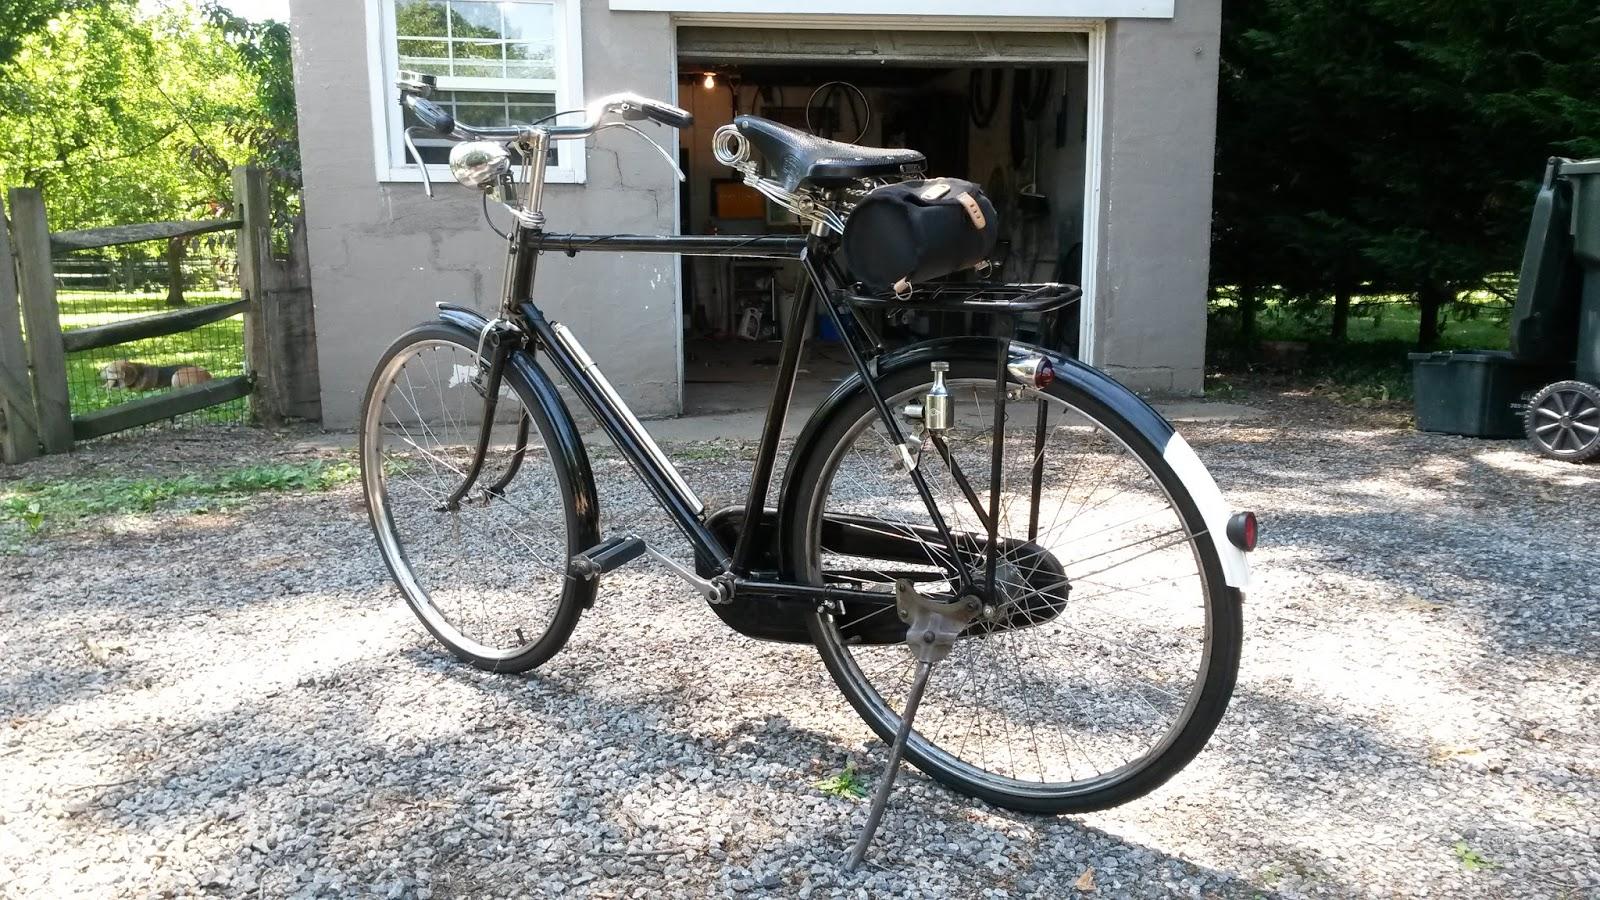 The Bike Shed Miller Generator Set And Lights